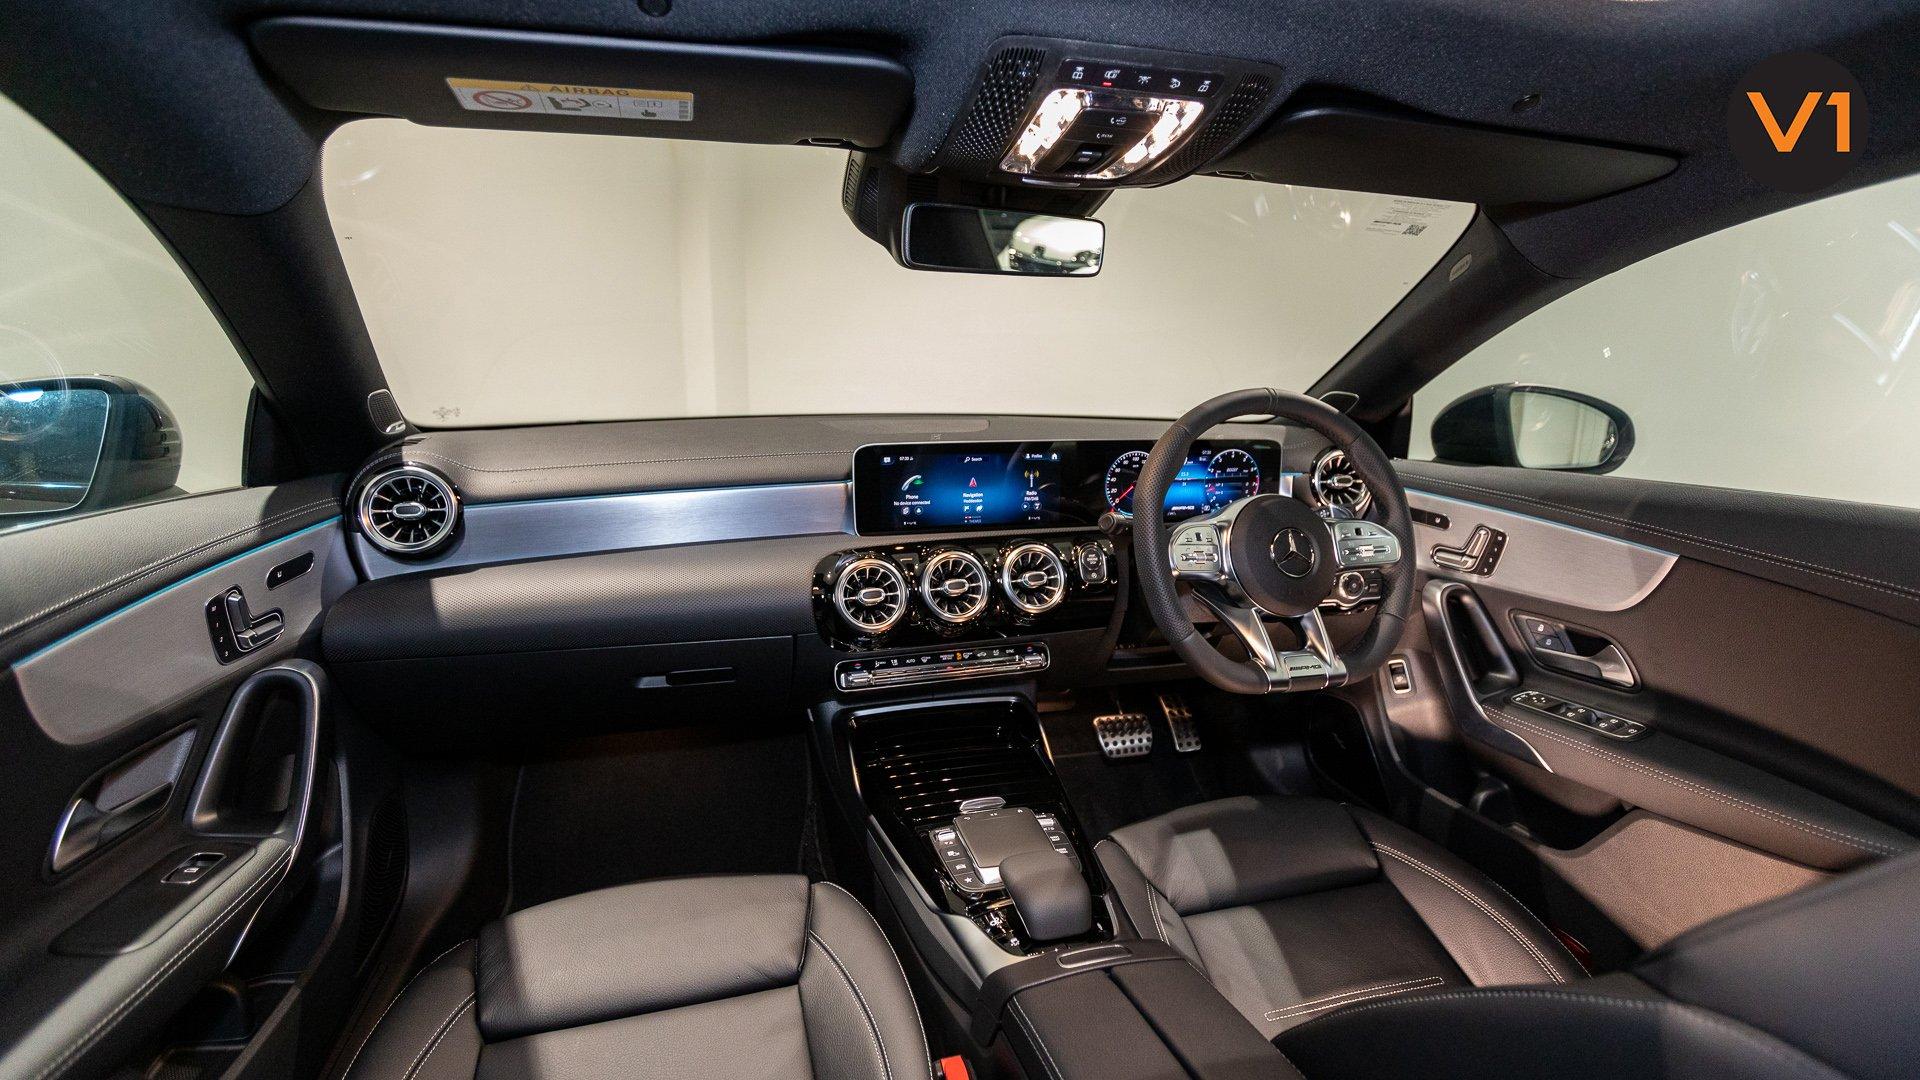 Mercedes-AMG CLA35 Coupe AMG 4Matic Premium Plus - Interior Dash